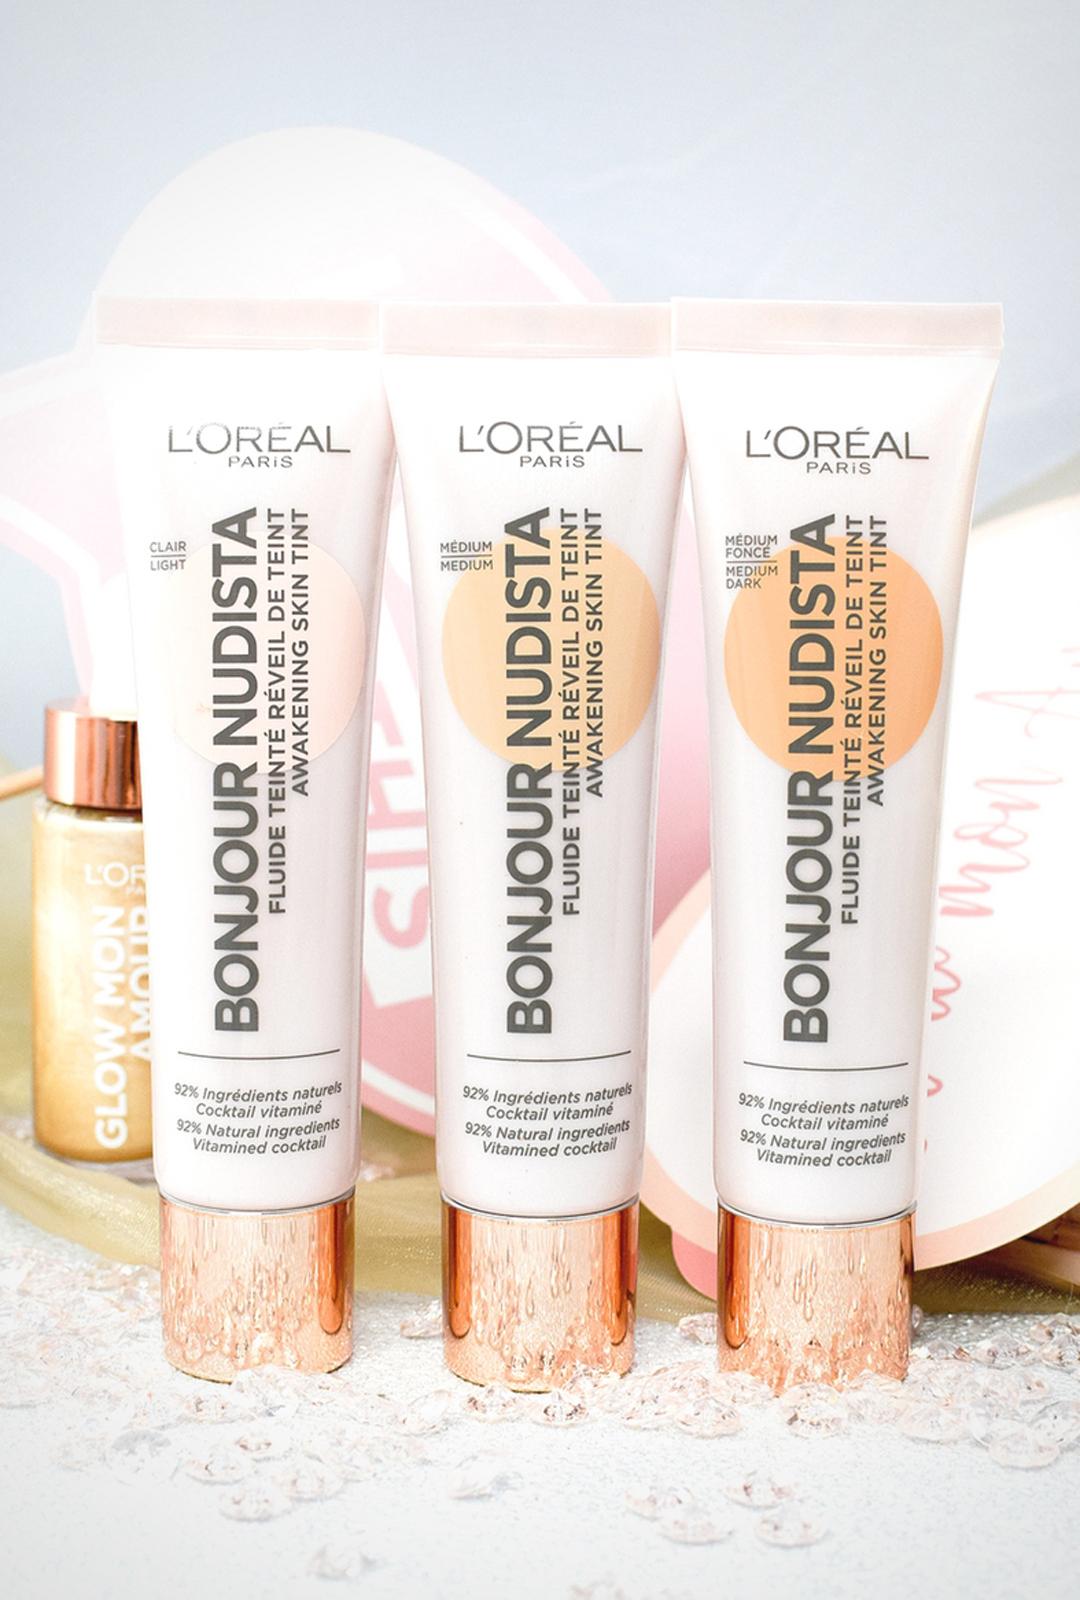 L'Oréal Paris Bonjour Nudista Awakening Skin Tint, BB Cream, Review, Swatch